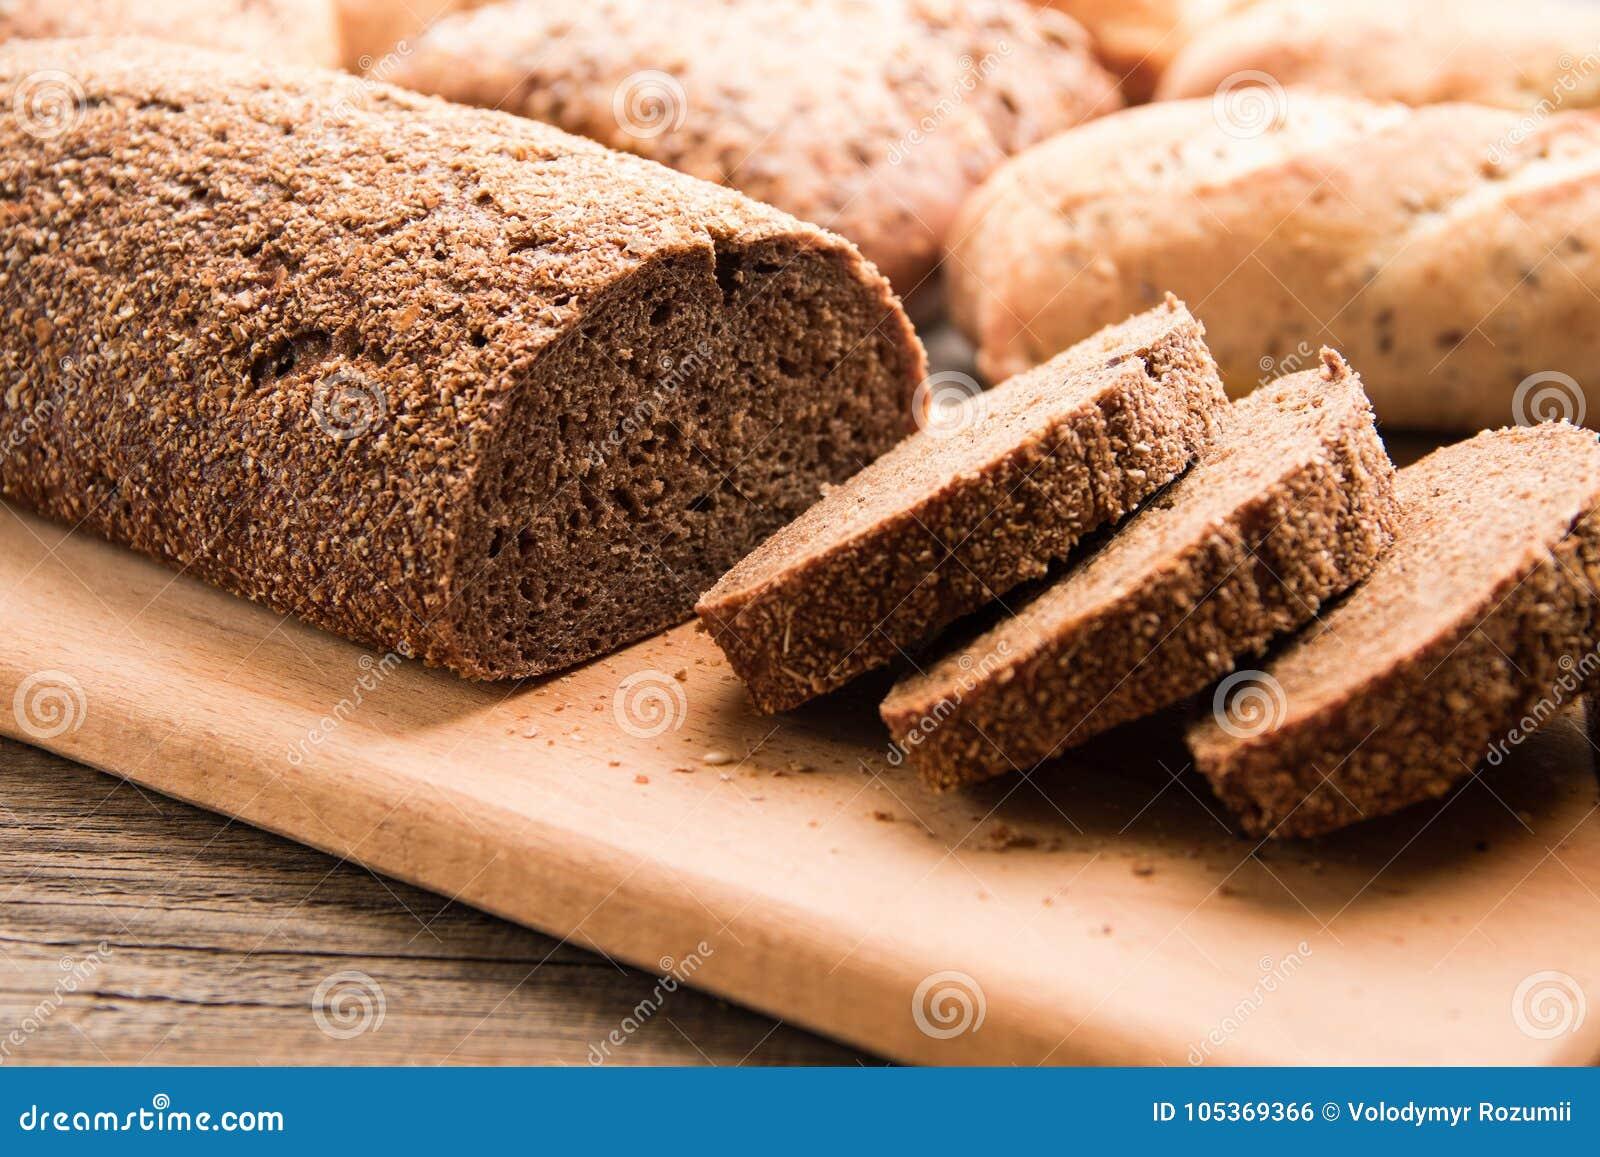 Organisches Buchweizen-Brot